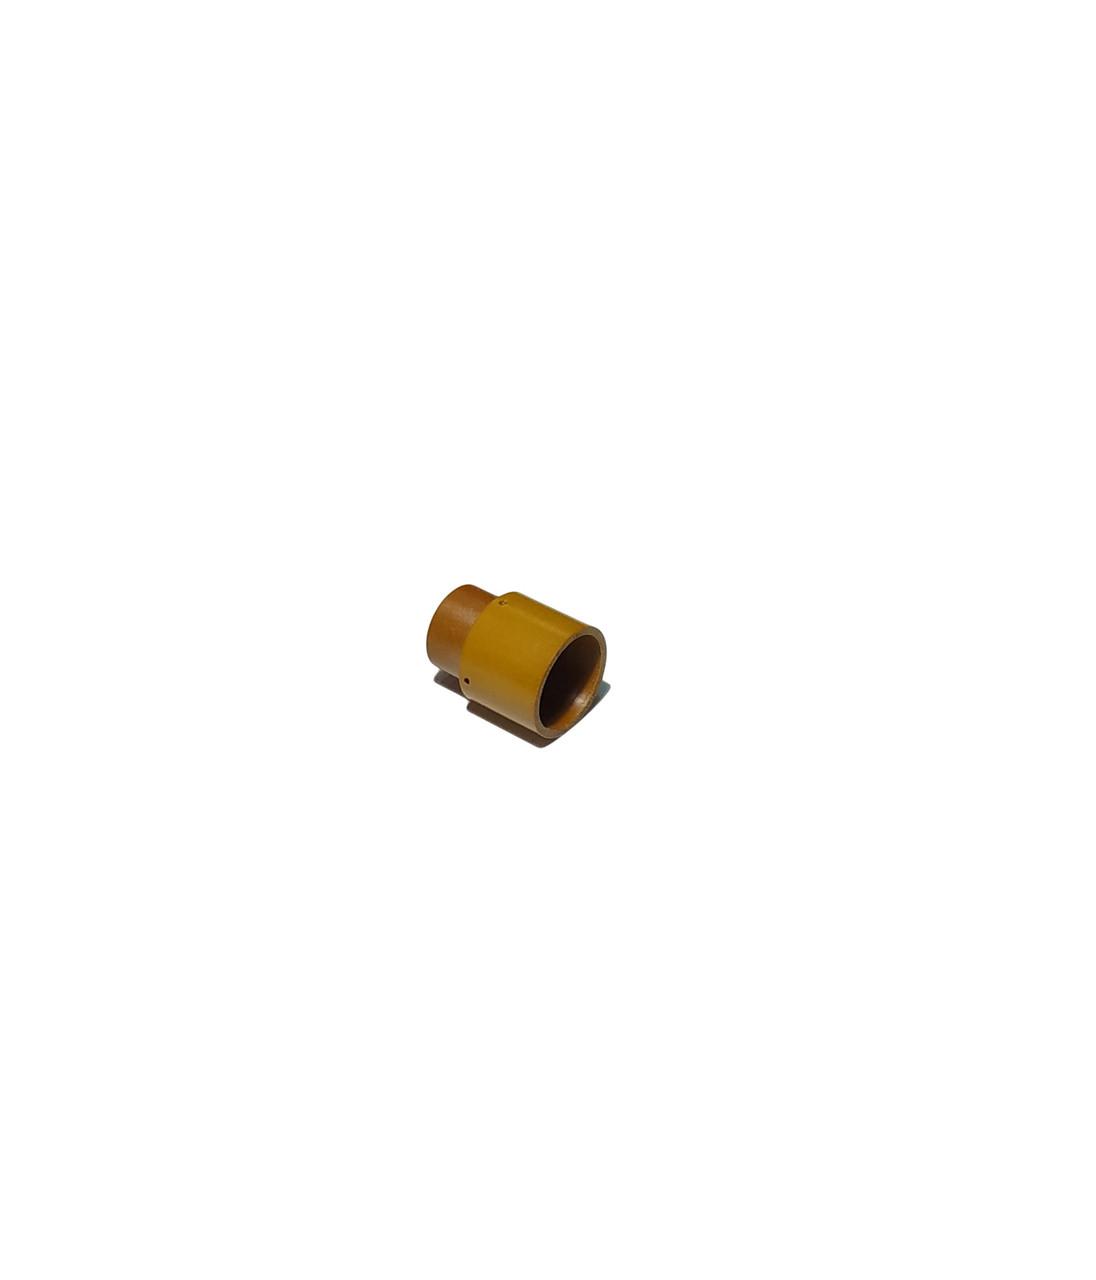 Изолятор передний для плазмотрона LT - 70